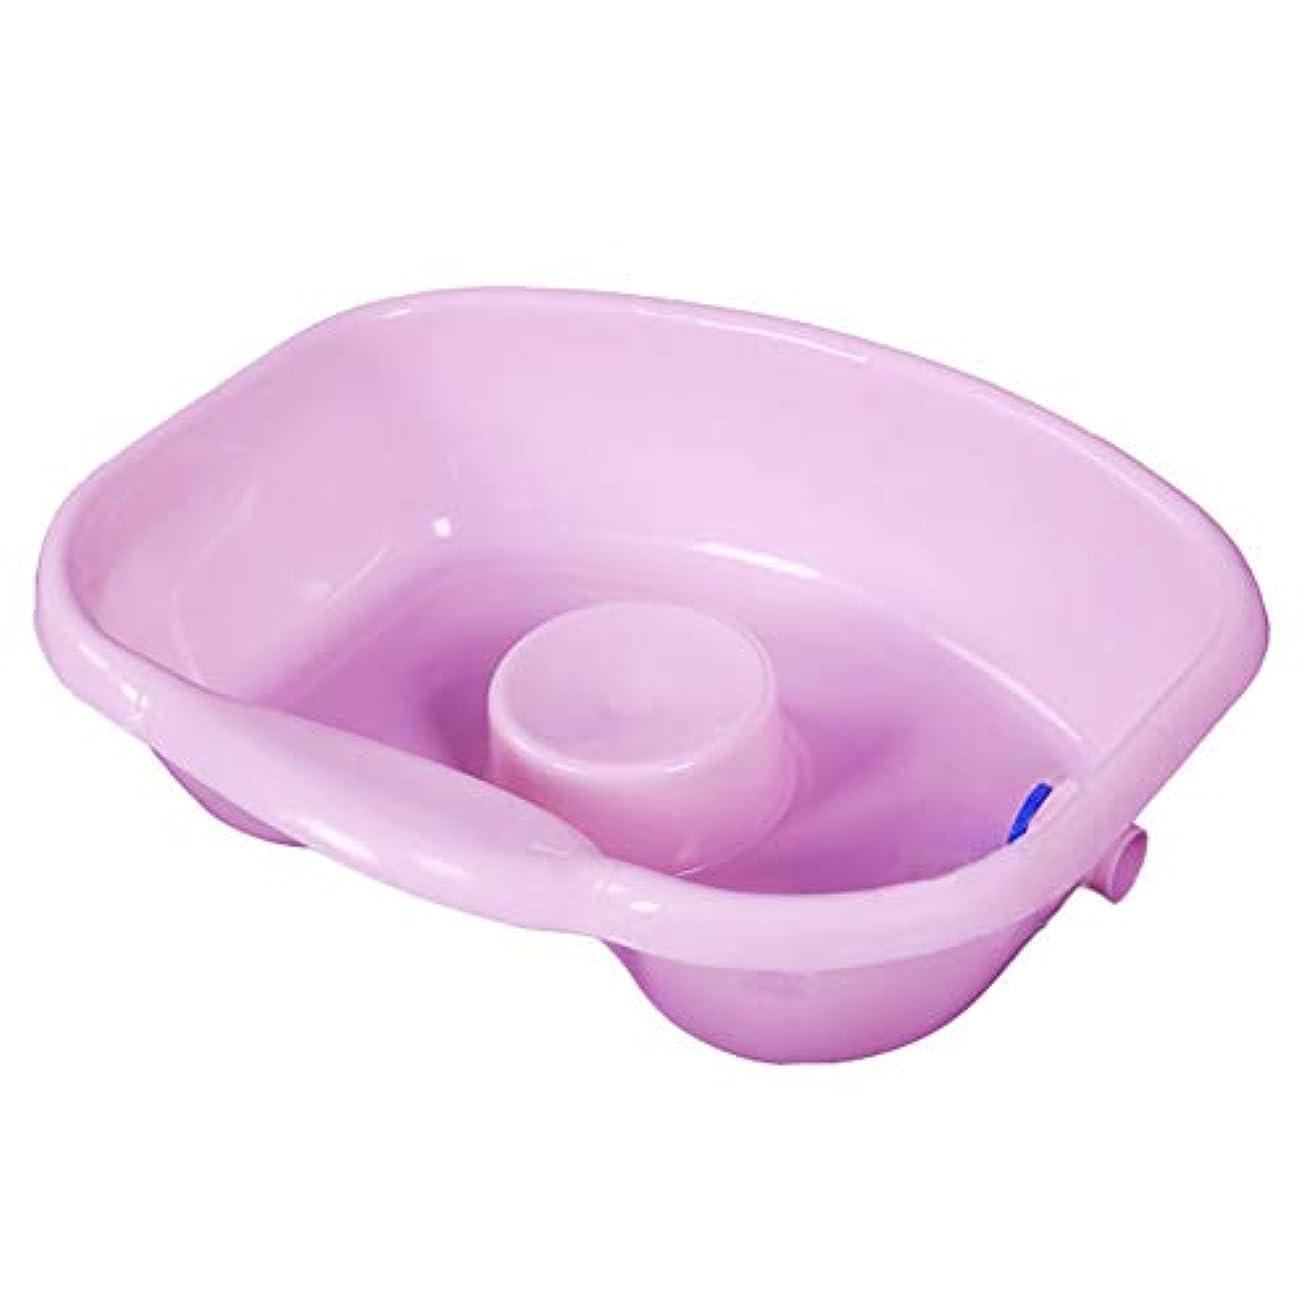 価値成功したピジン寝たきりの患者、障害者高齢妊娠のためのベッドでポータブルウォッシュ髪のボウルする排水管とシャンプー盆地(ピンク)